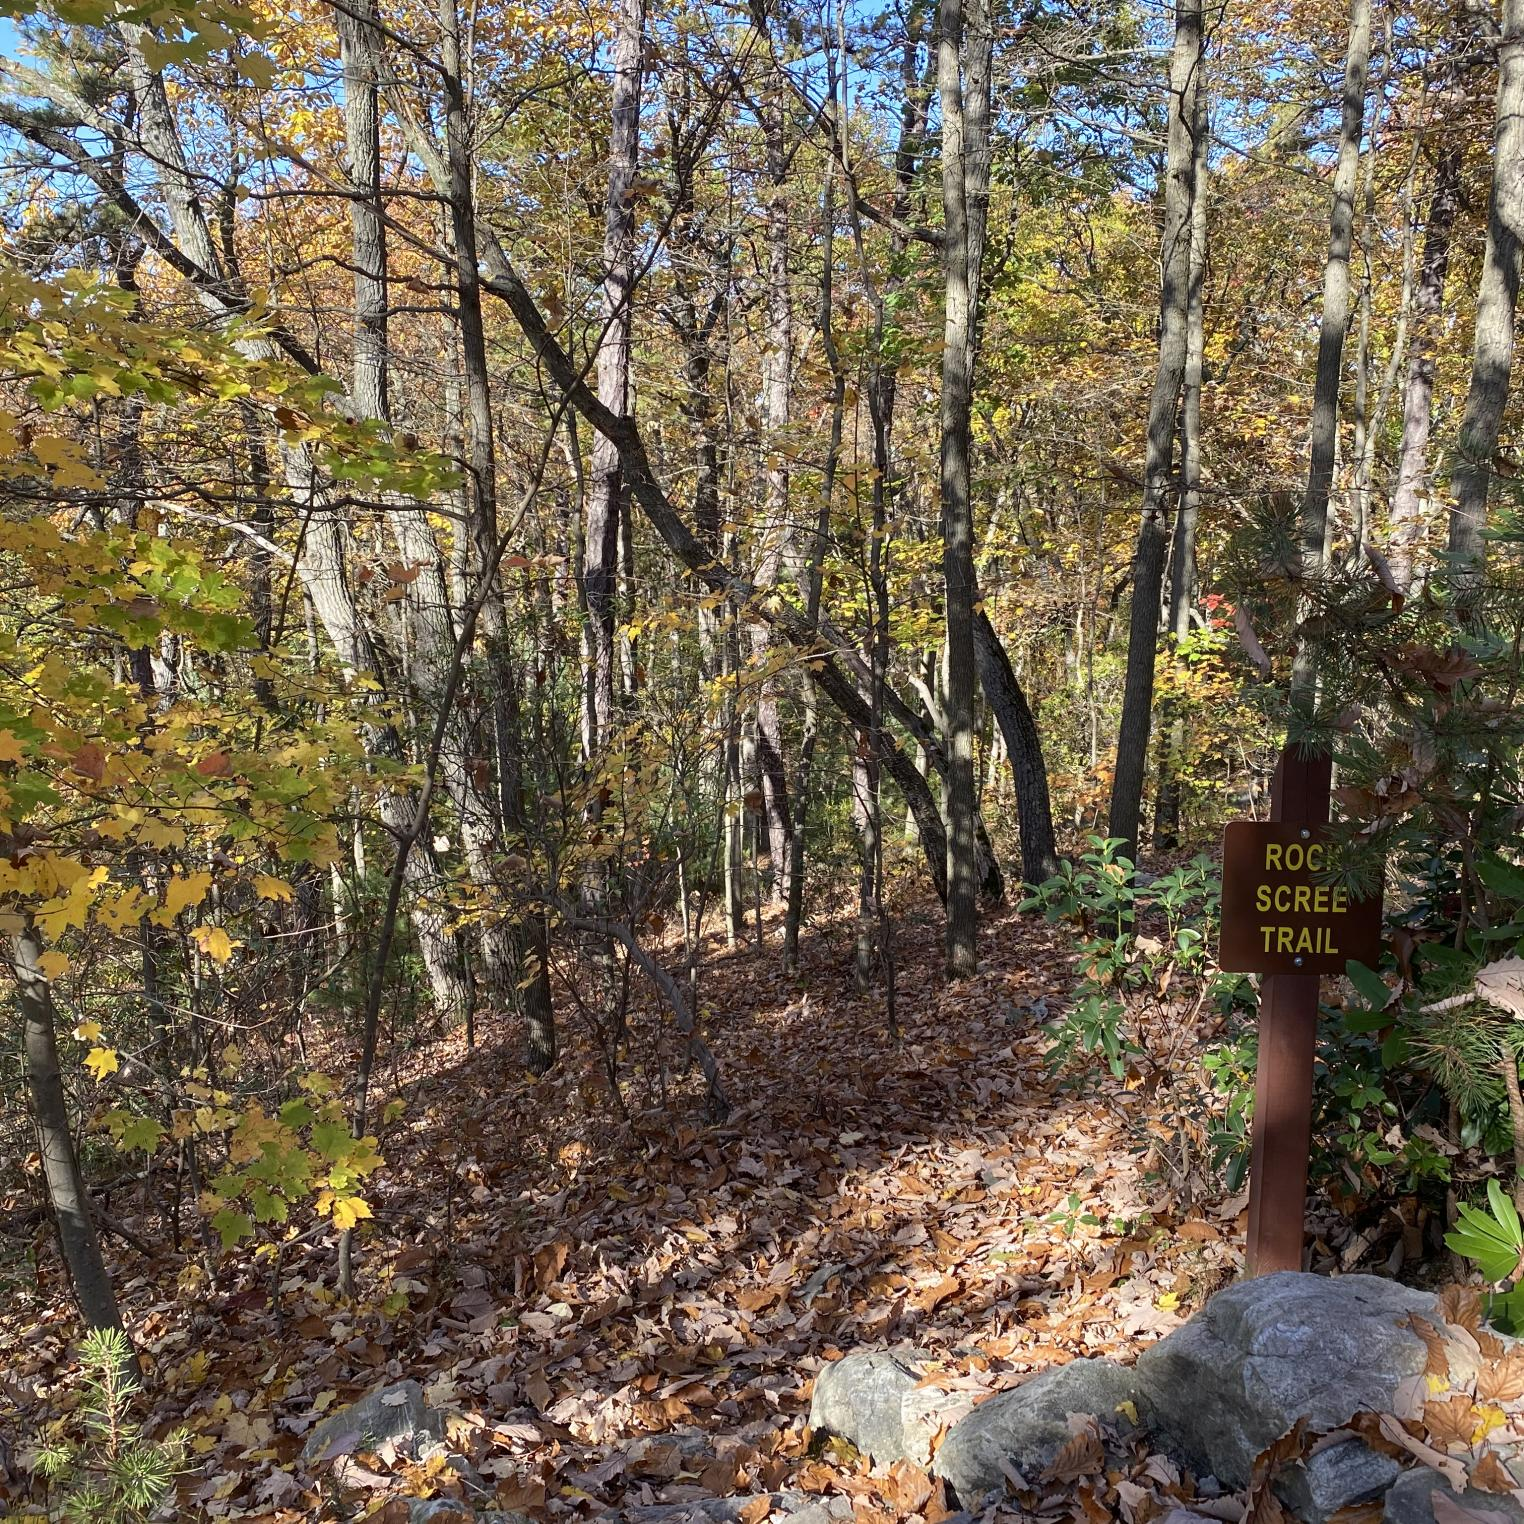 Rock Scree Trail